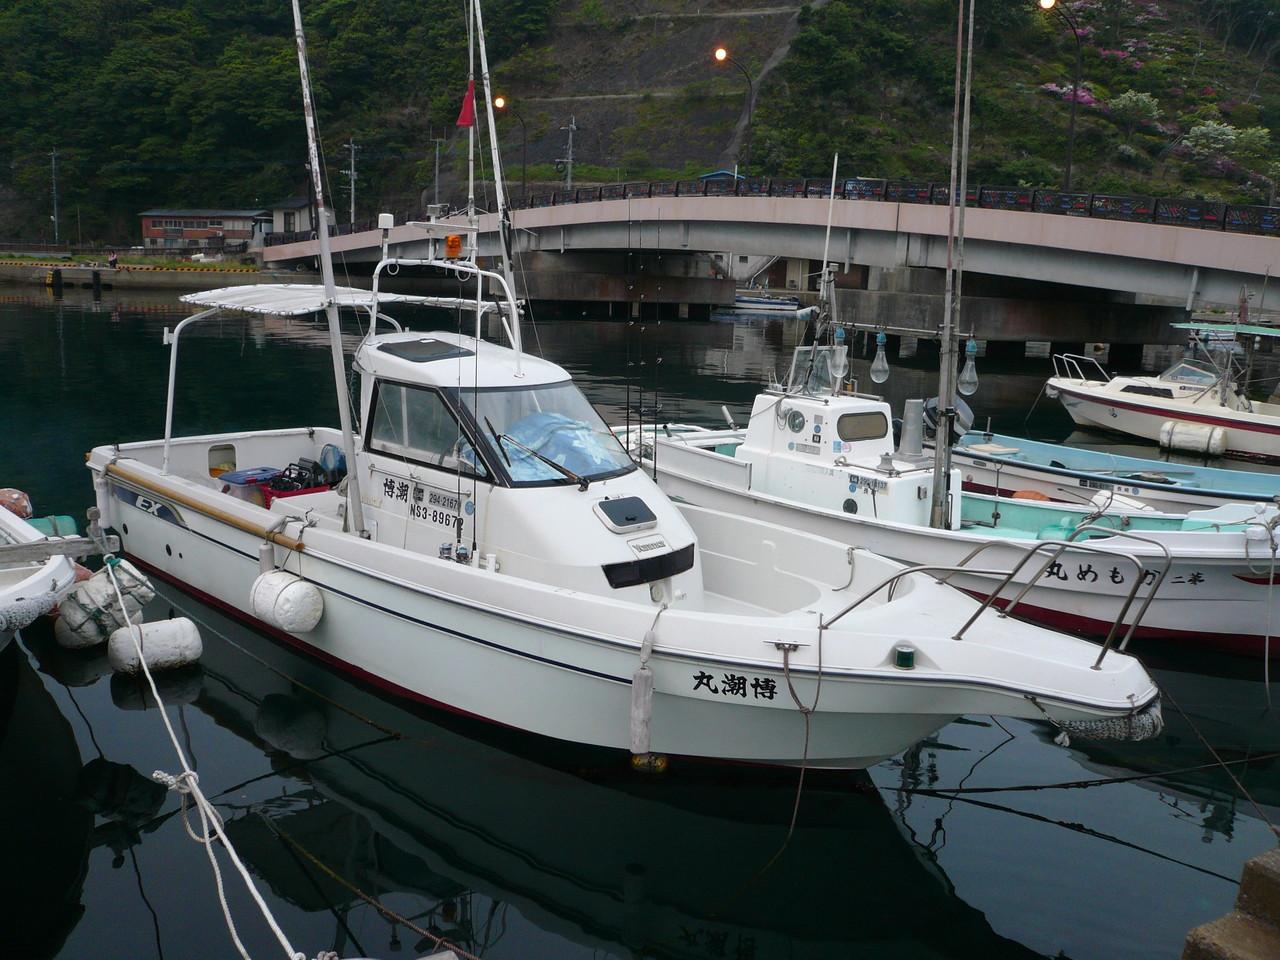 5月4日 レンタルボート博潮丸 出港準備 OK